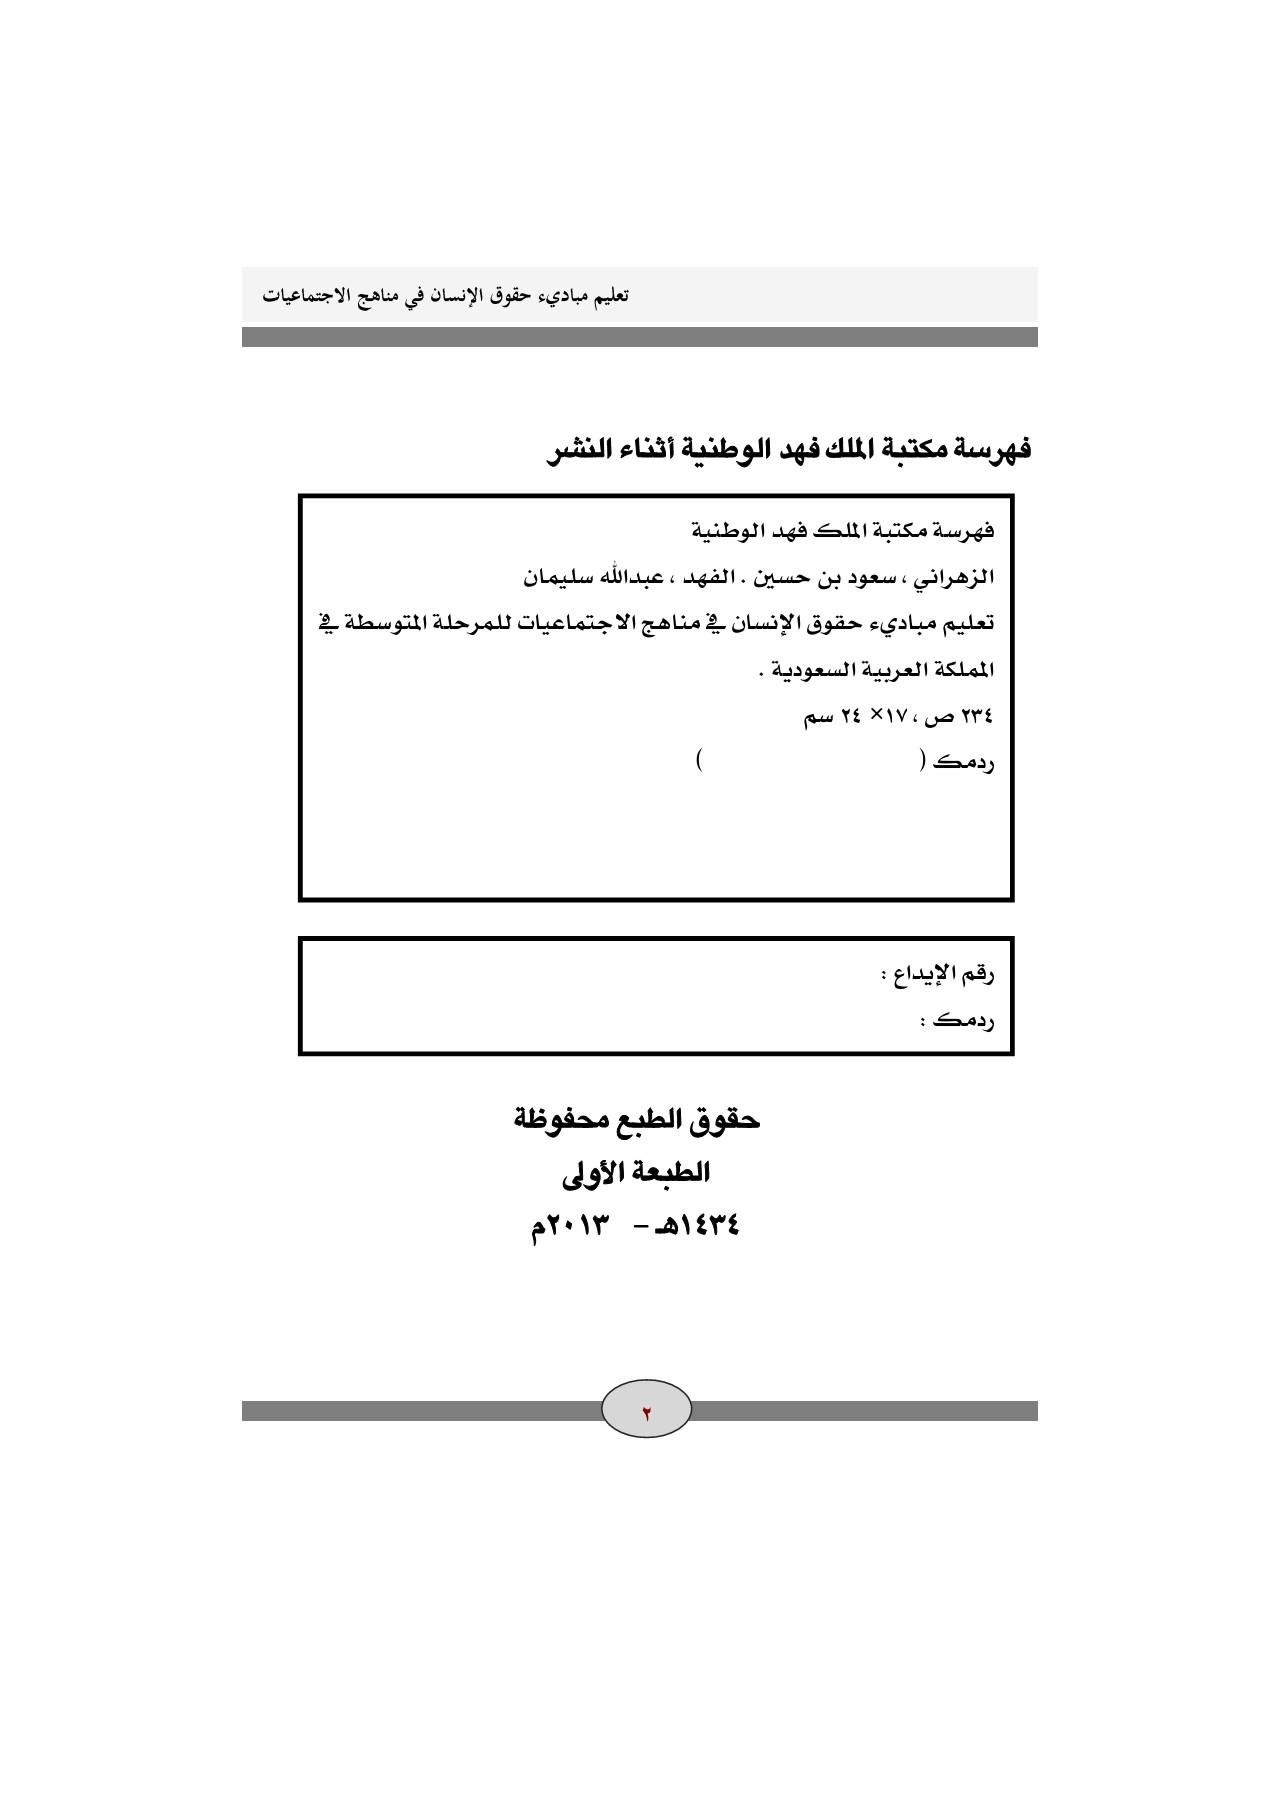 كتاب تعليم حقوق الإنسان في مناهج الاجتماعيات أخراج جديد2013 Flip Book Pages 1 50 Pubhtml5